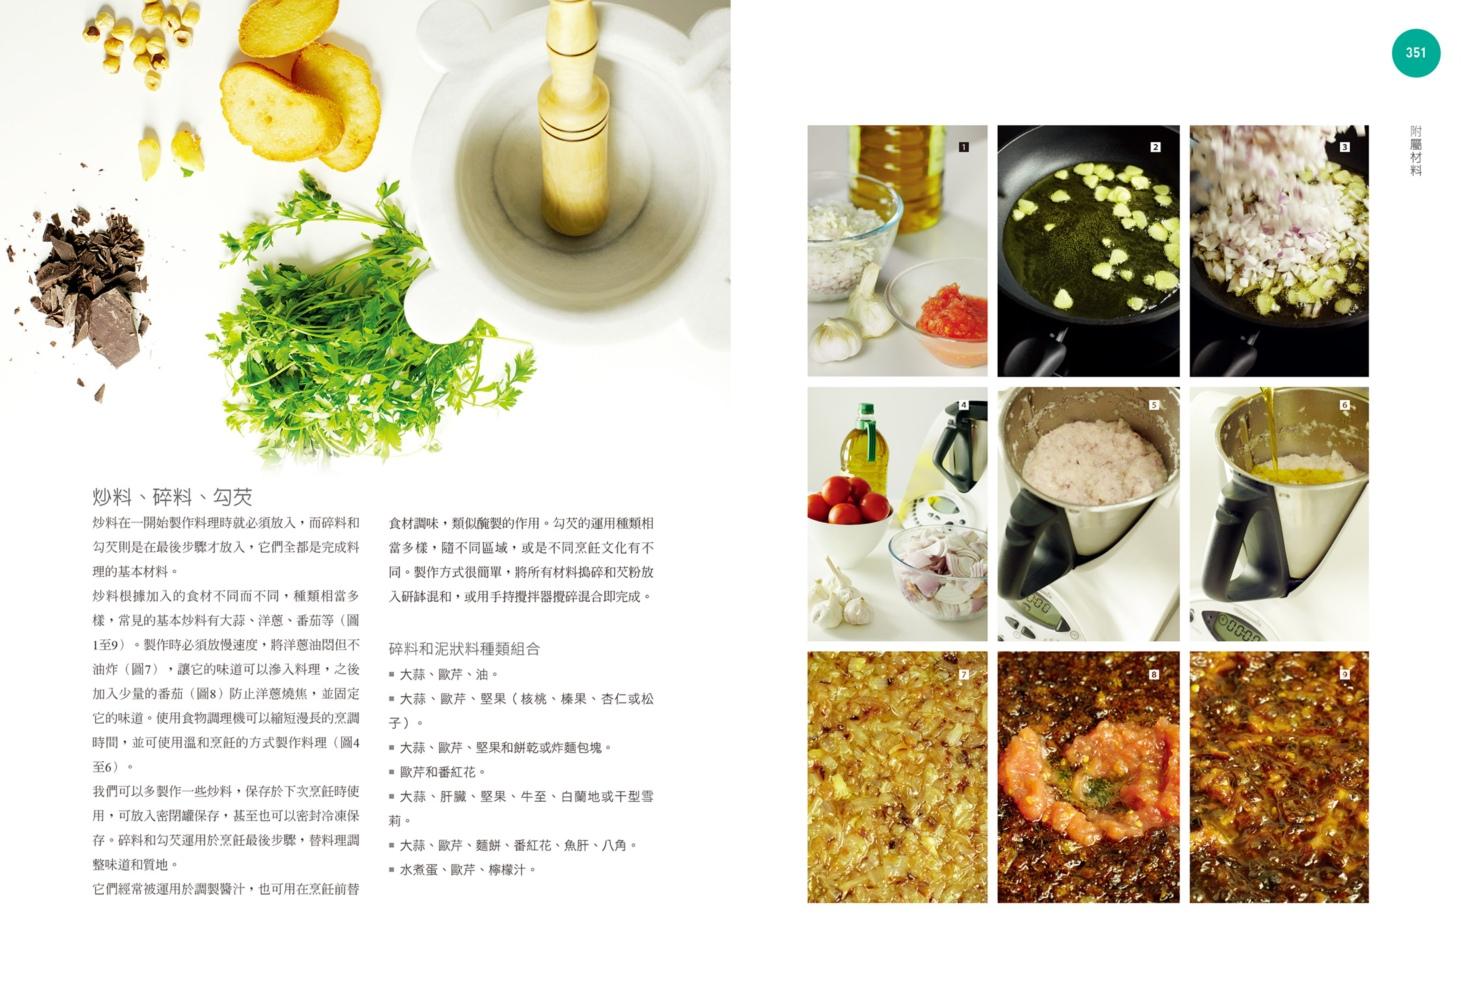 《西班牙廚神 璜.洛卡 的烹飪技藝大全:全球第一餐廳 El Celler de Can Roca 從廚房管理、食材研究到工具運用,75道精緻料理+17種經典醬汁(暢銷典藏版)》 商品條碼,ISBN:9789864083619